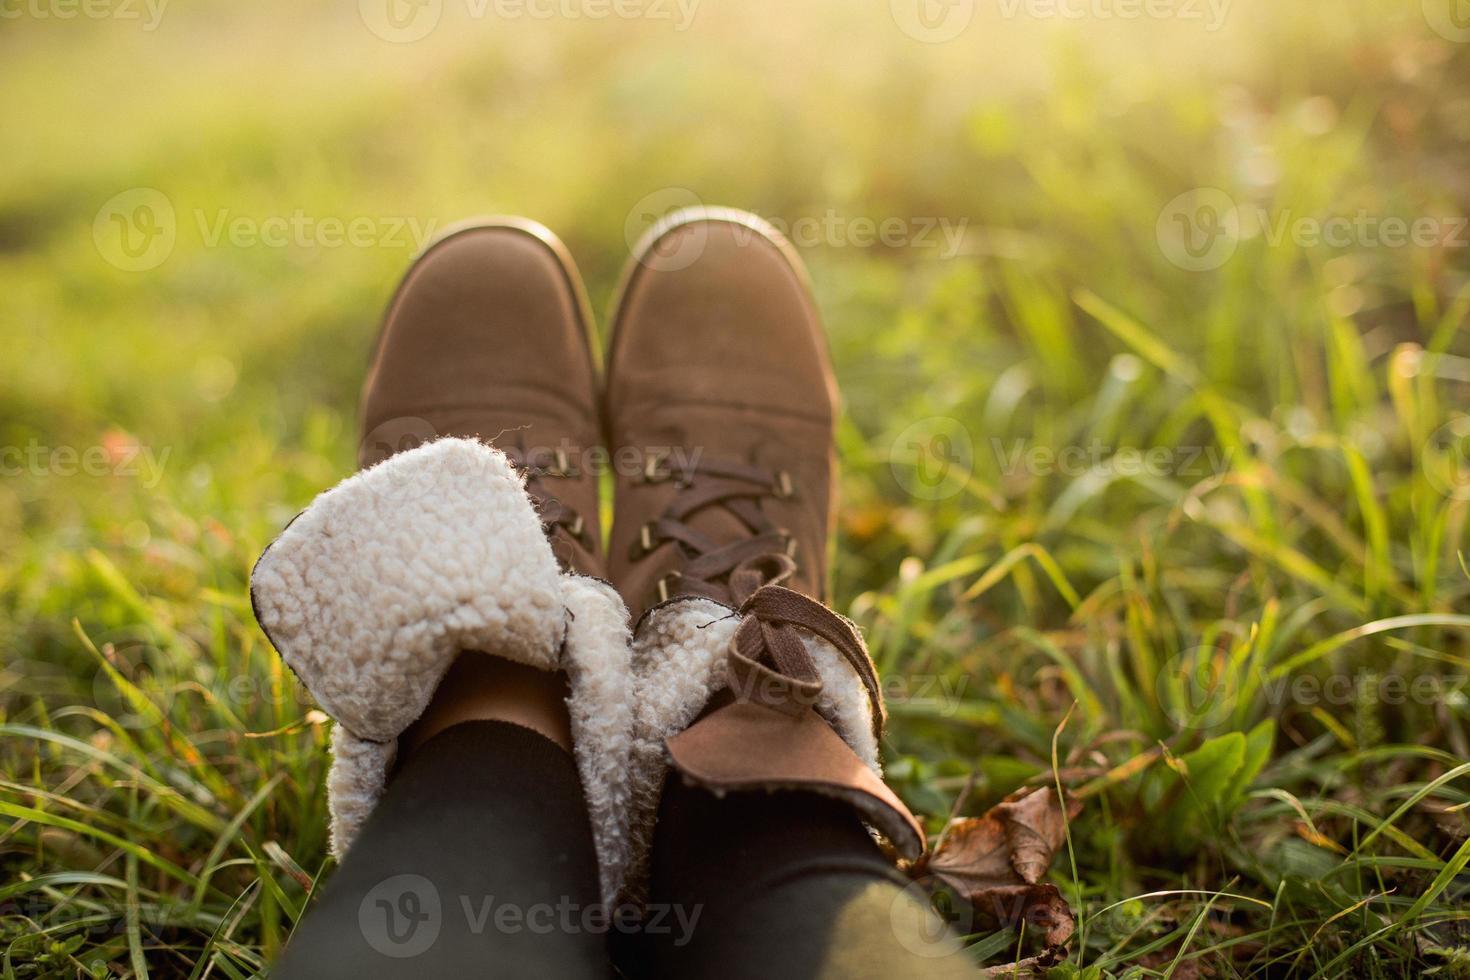 kvinnliga fötter i stövlar foto